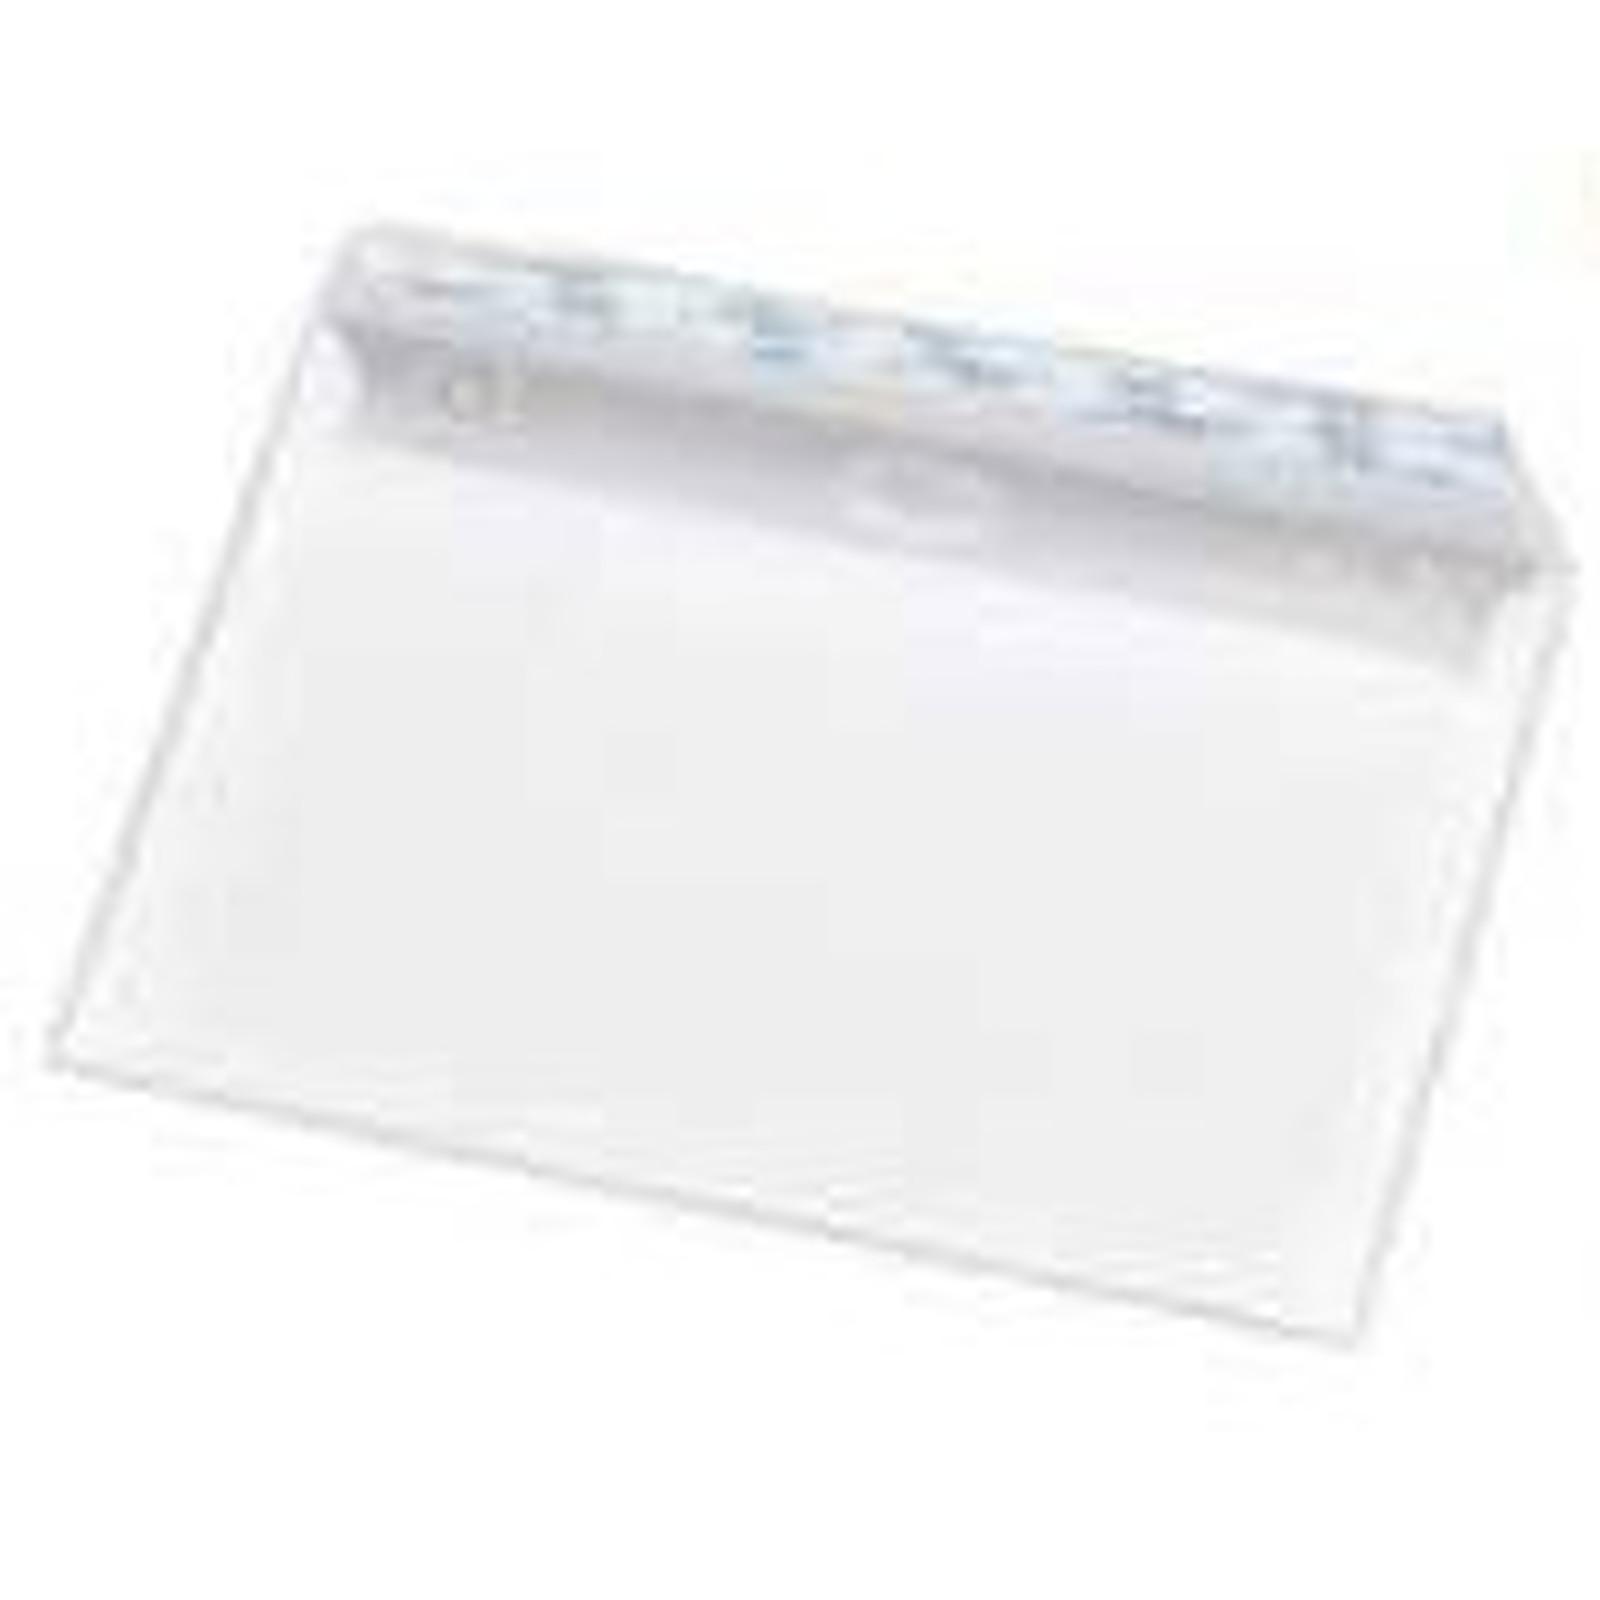 Enveloppes blanches C6 70g par 500